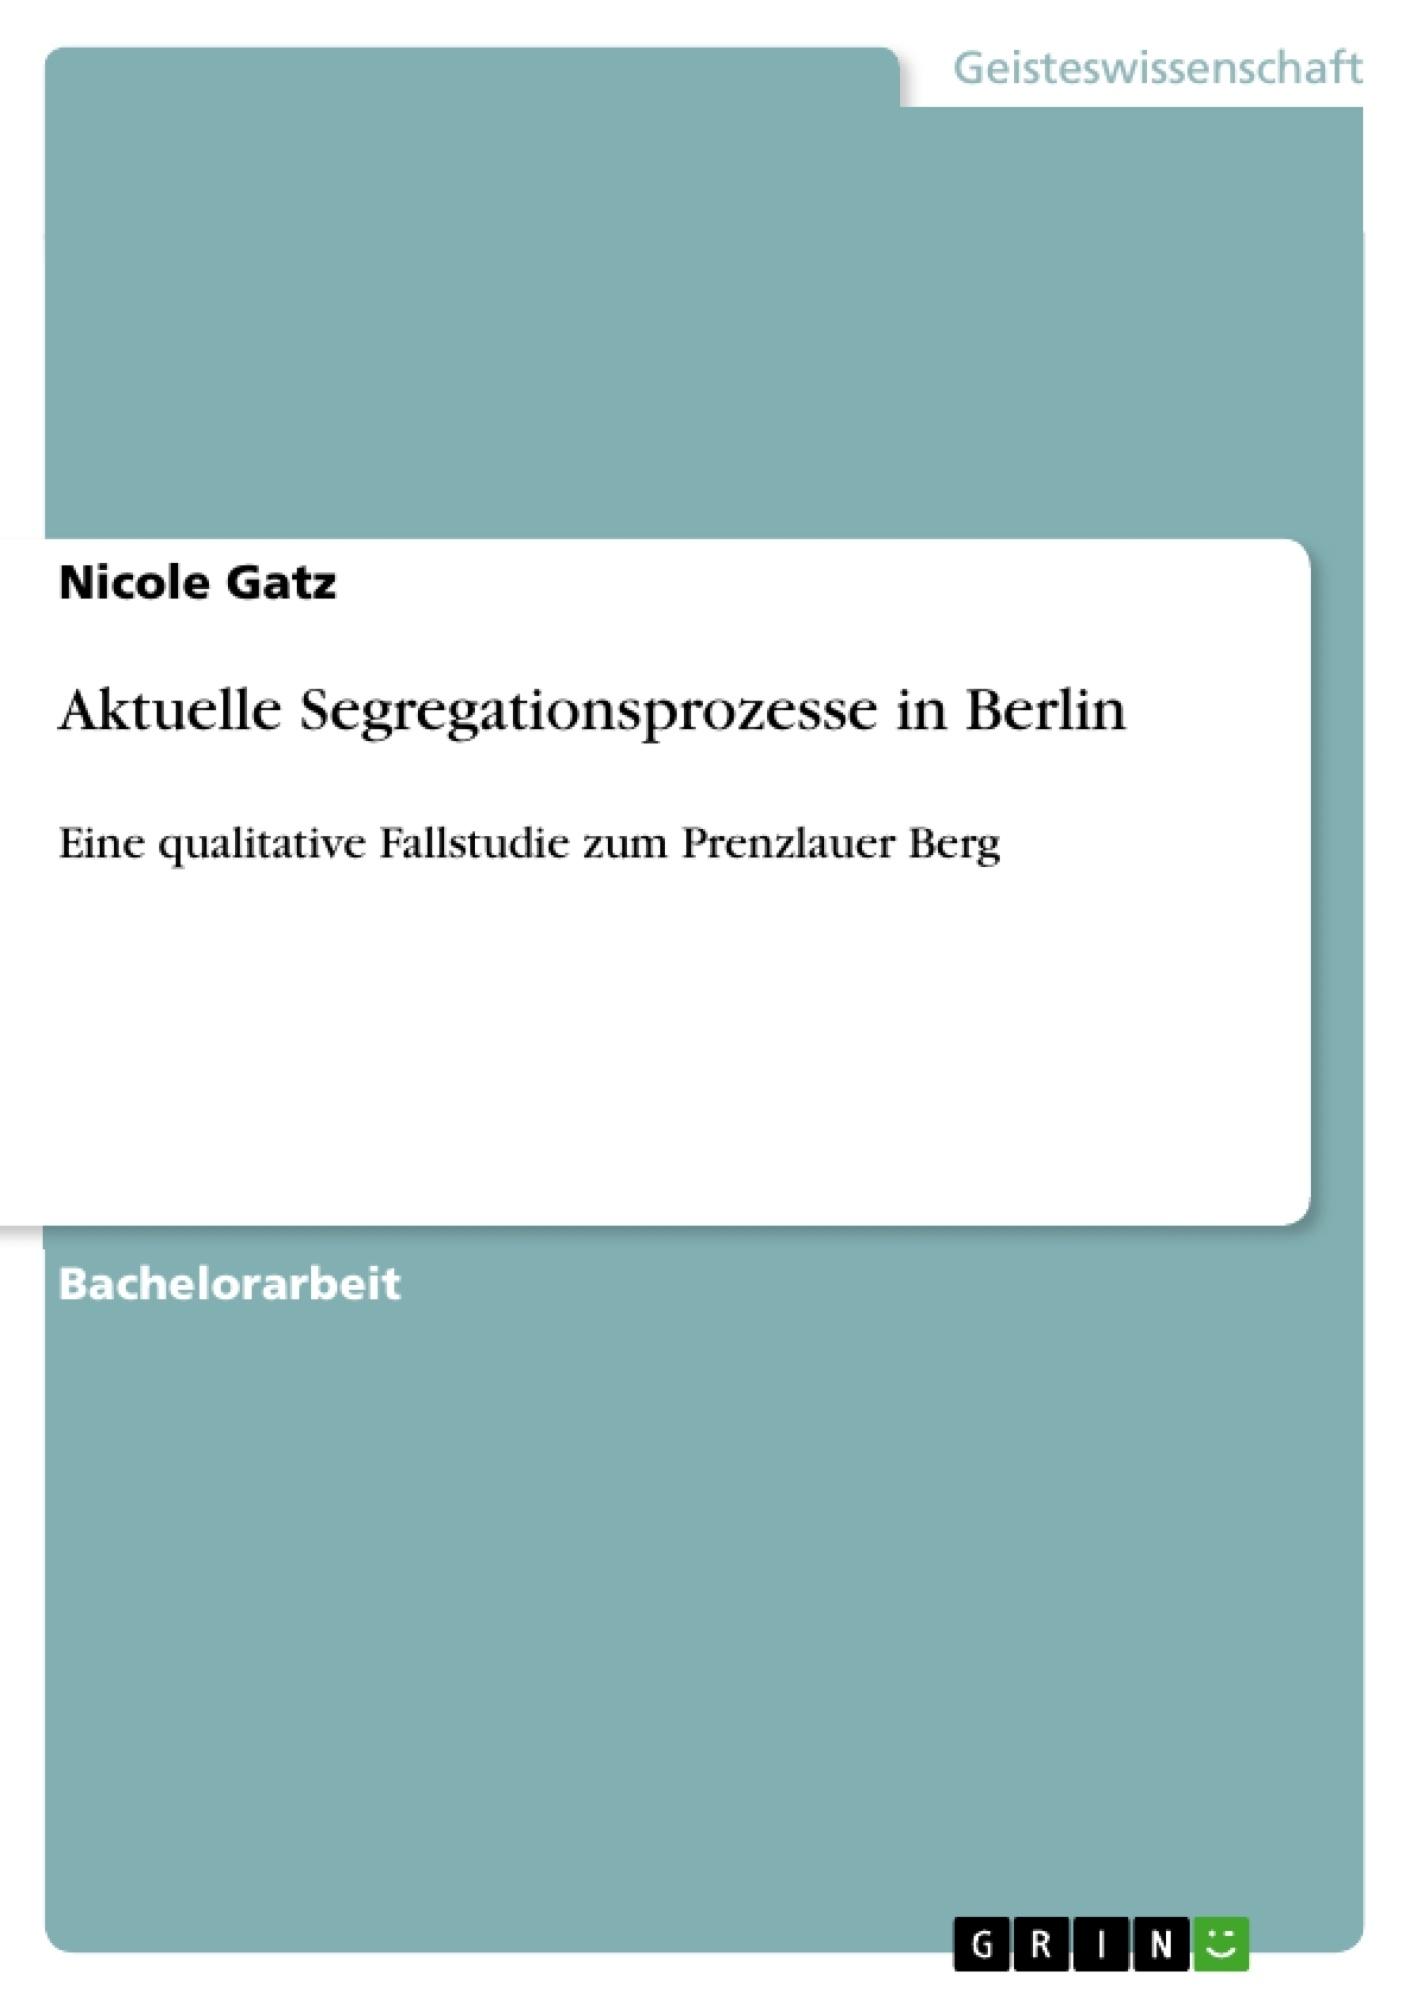 Titel: Aktuelle Segregationsprozesse in Berlin